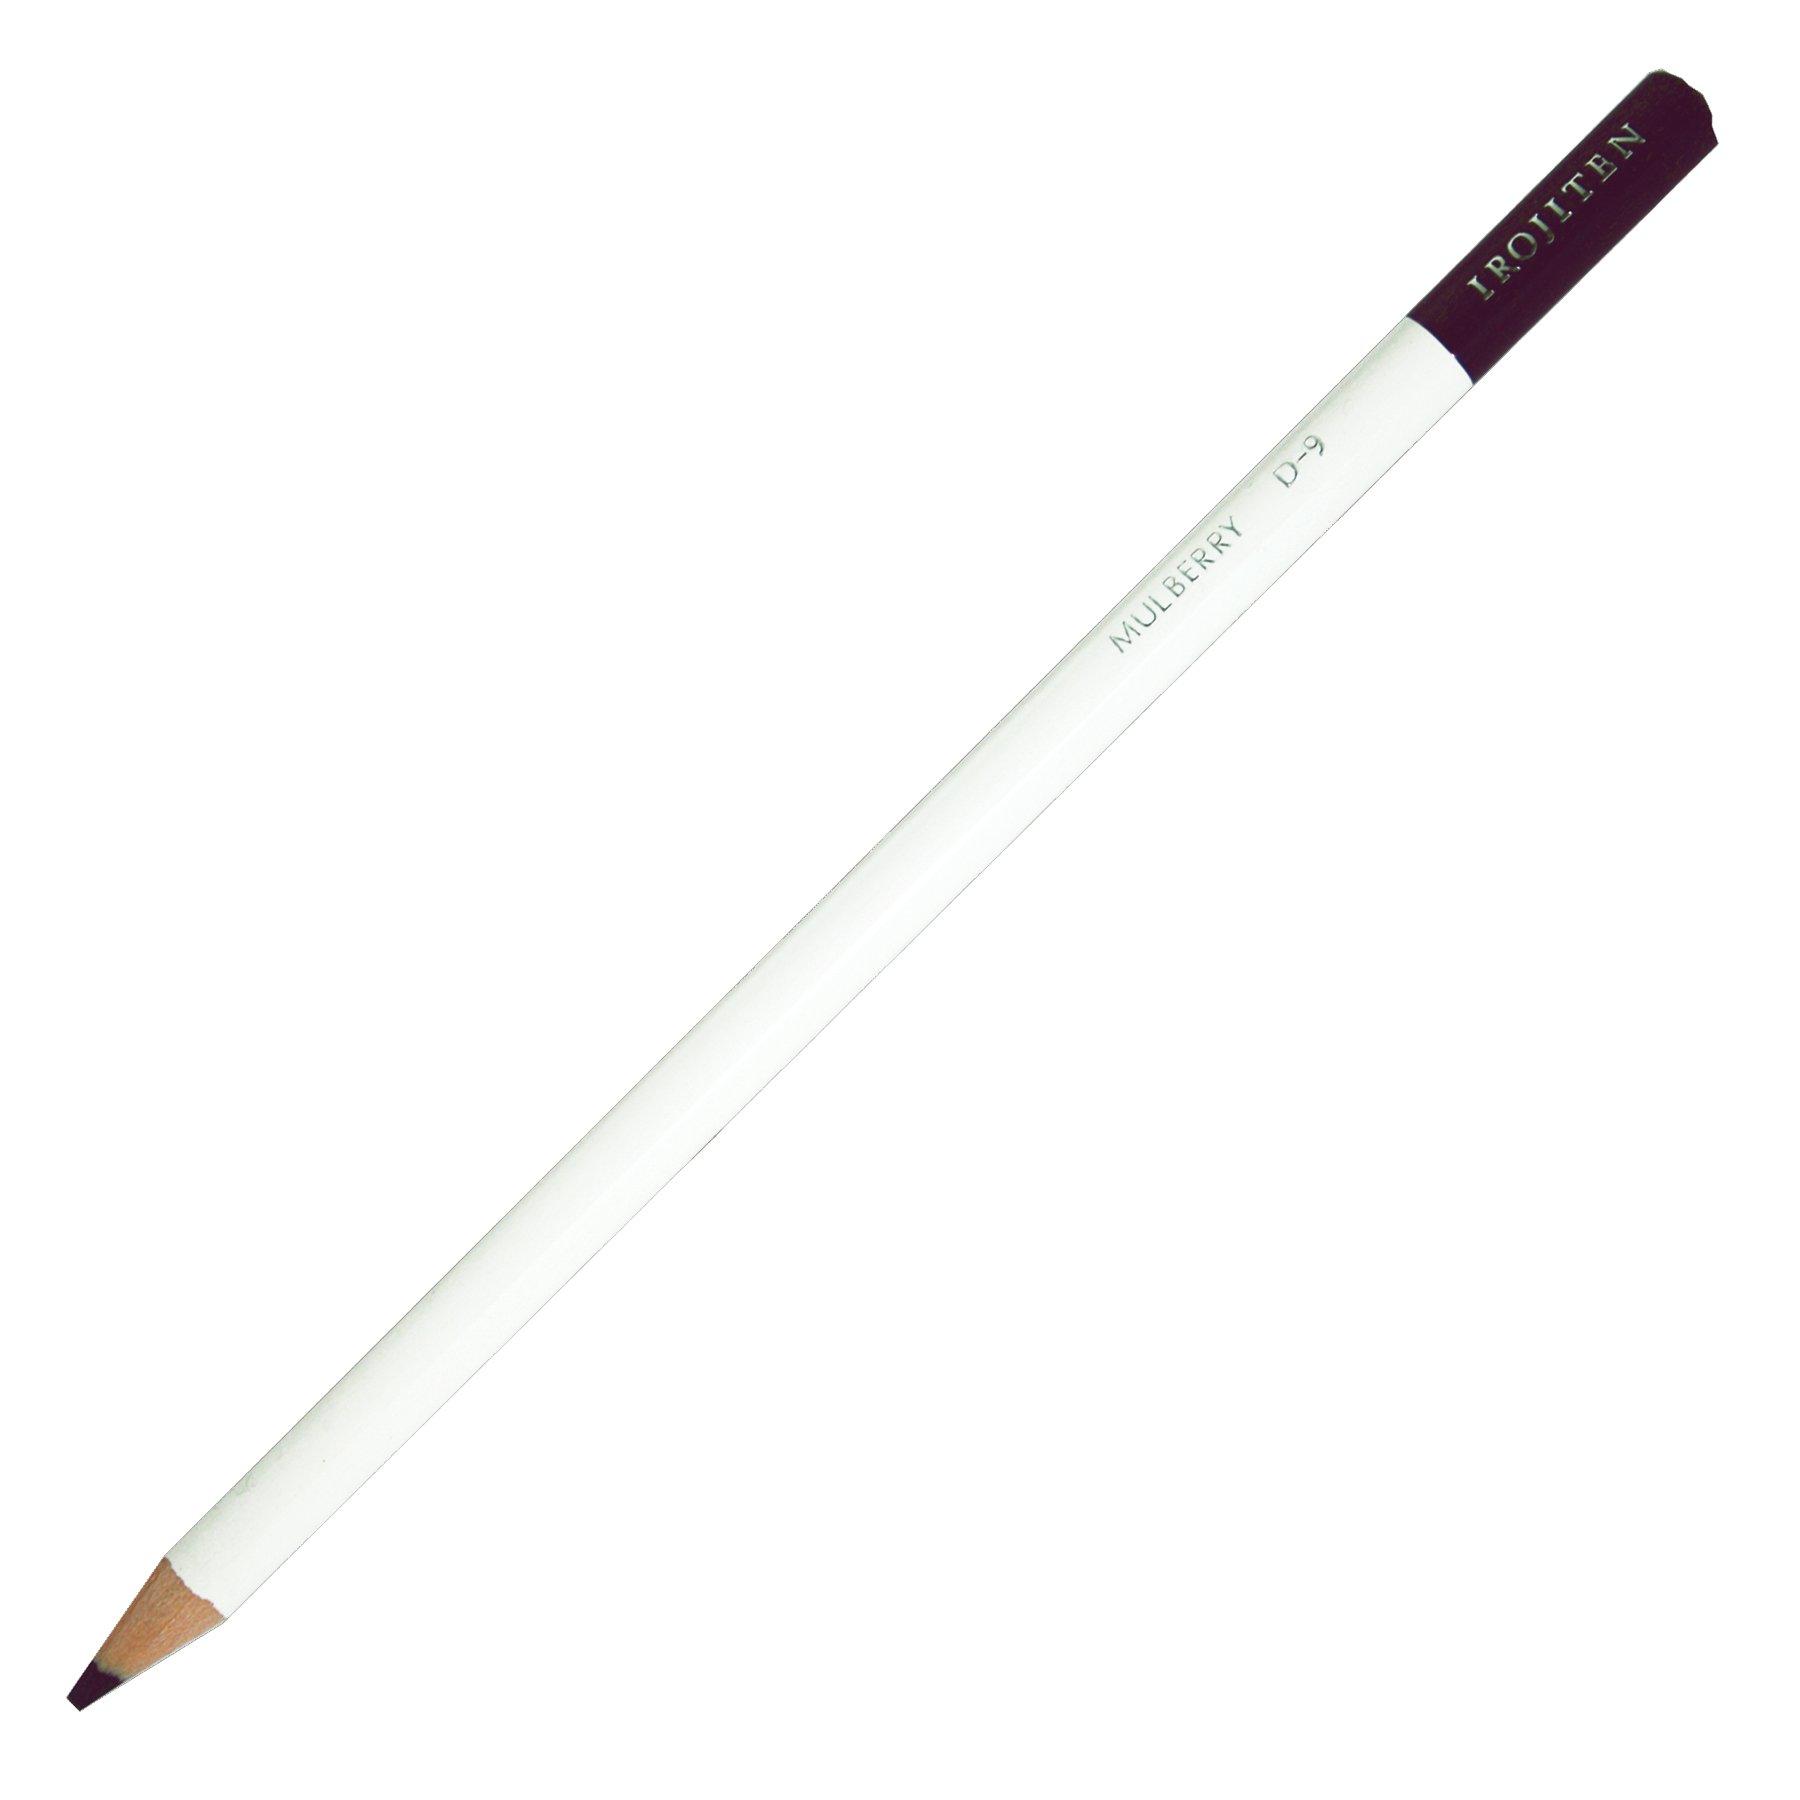 Tombow Irojiten Lápiz de color , Mulberry D9, 1 paquete